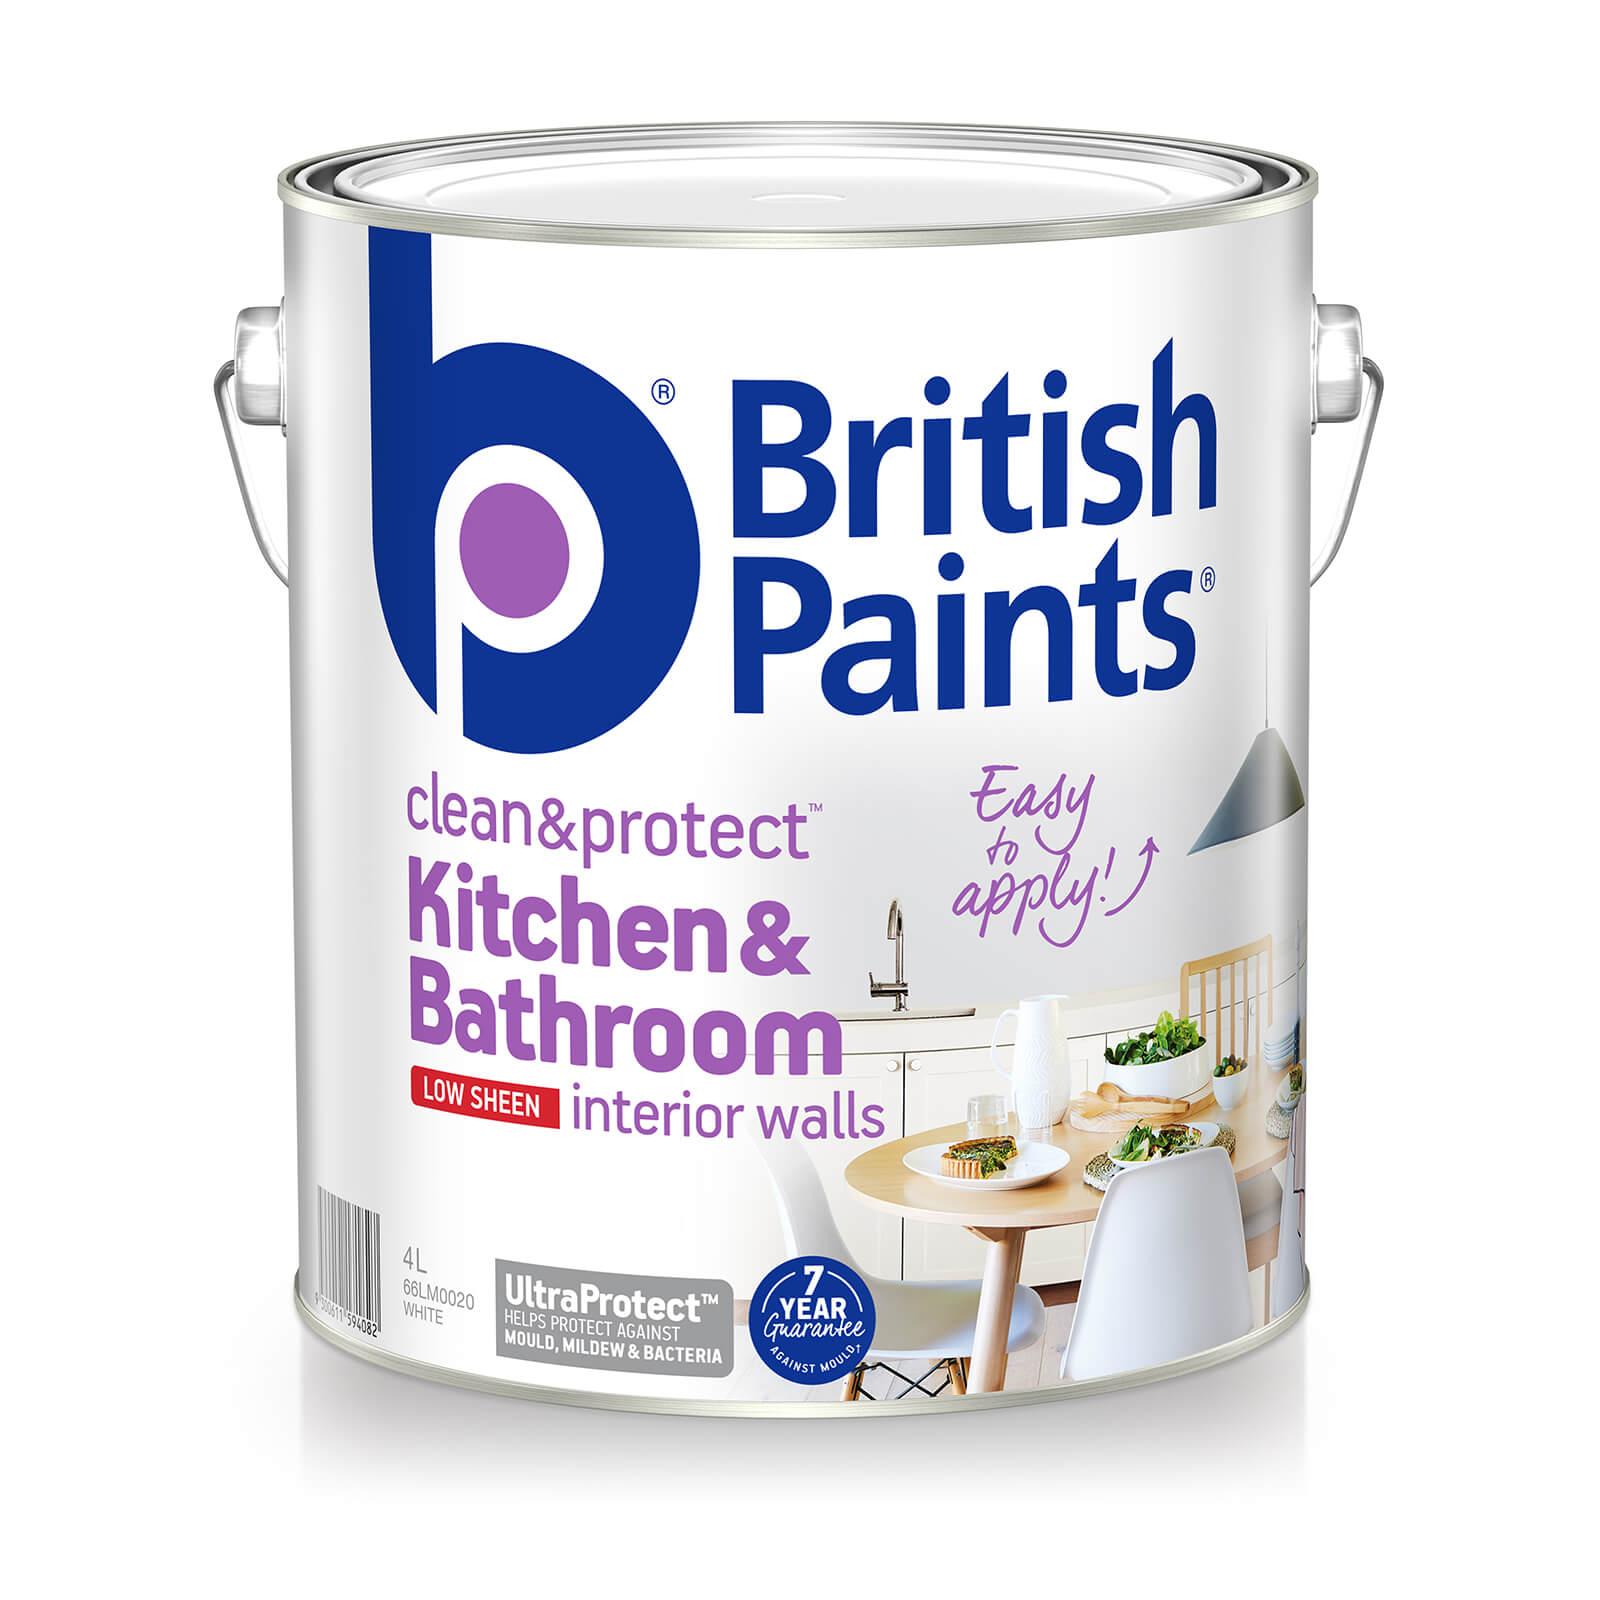 British Paints Clean Protect Kitchen Bathroom British Paints